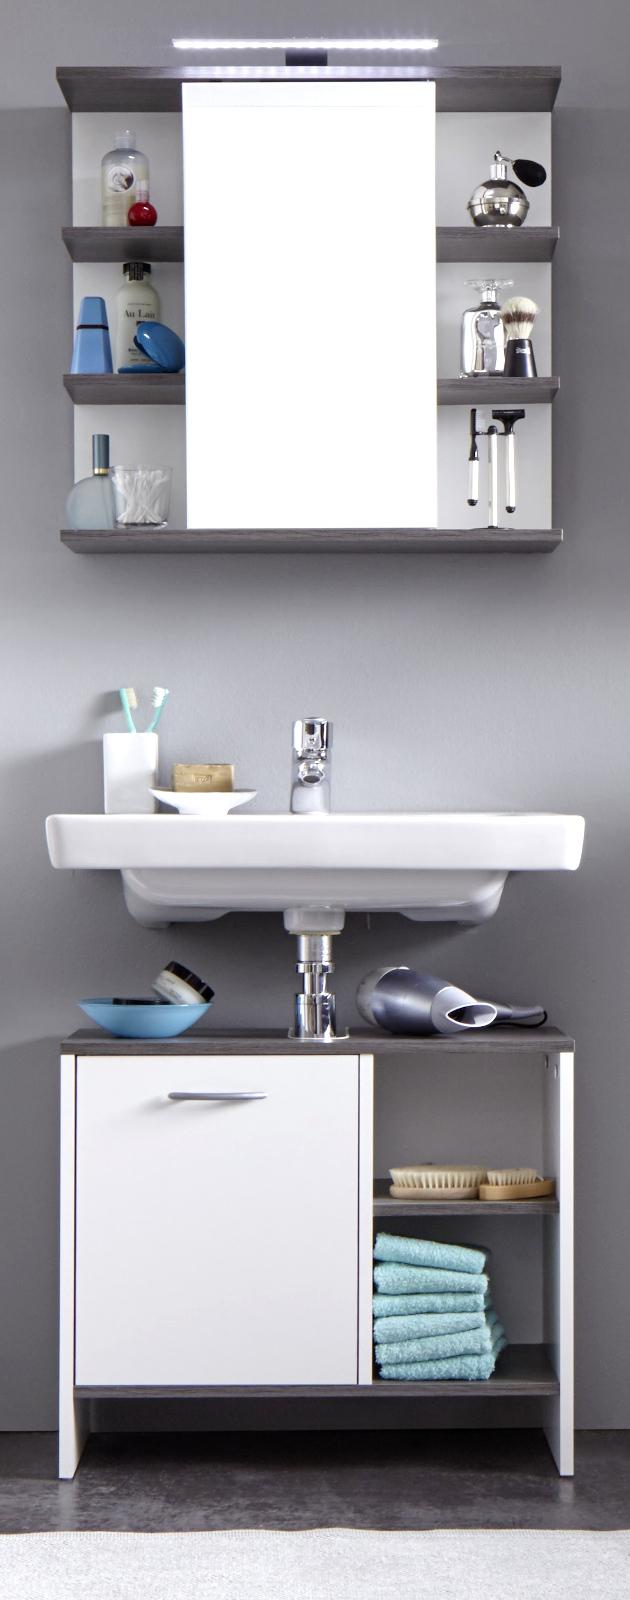 badezimmer set california wei und rauchsilber 2 teilig. Black Bedroom Furniture Sets. Home Design Ideas